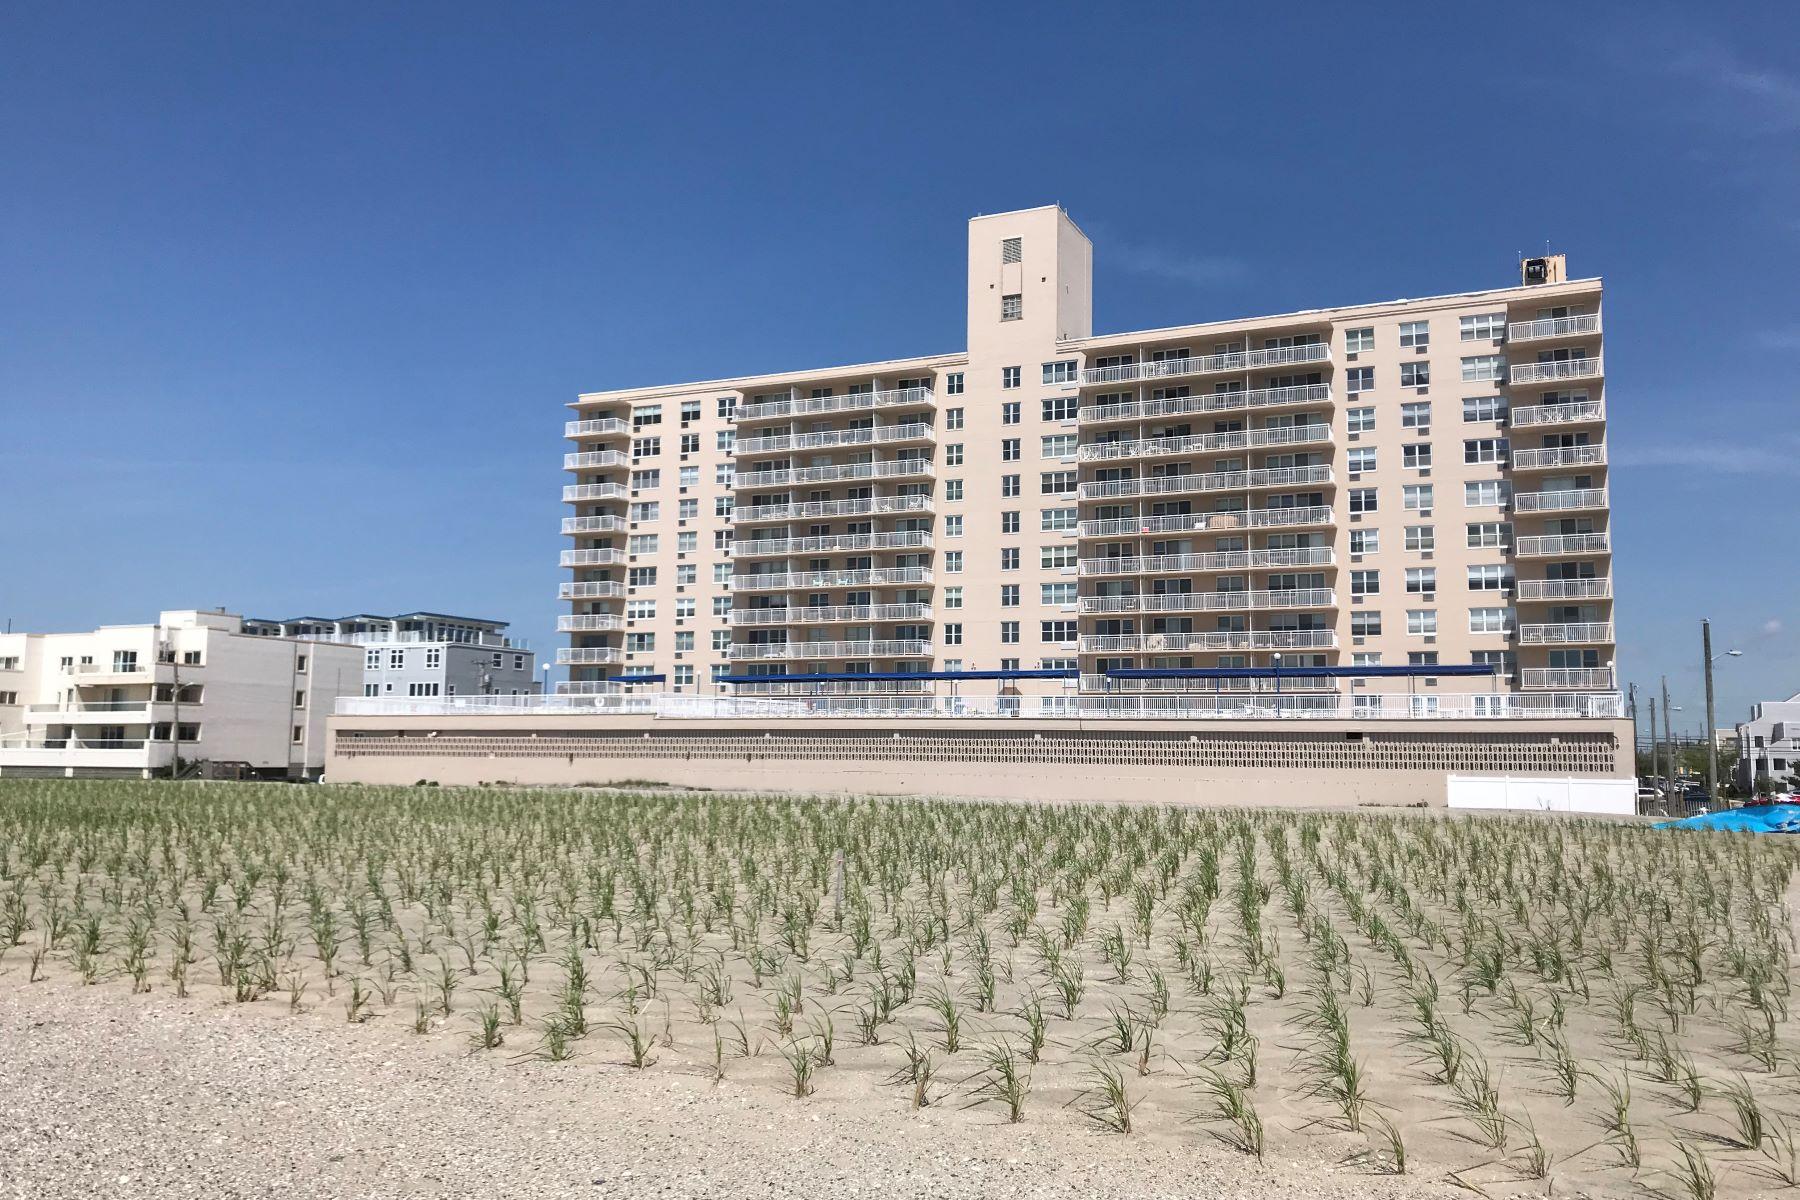 Кондоминиум для того Продажа на Margate Towers Condominium 9400 Atlantic Avenue Unit 202, Margate City, Нью-Джерси 08402 Соединенные Штаты